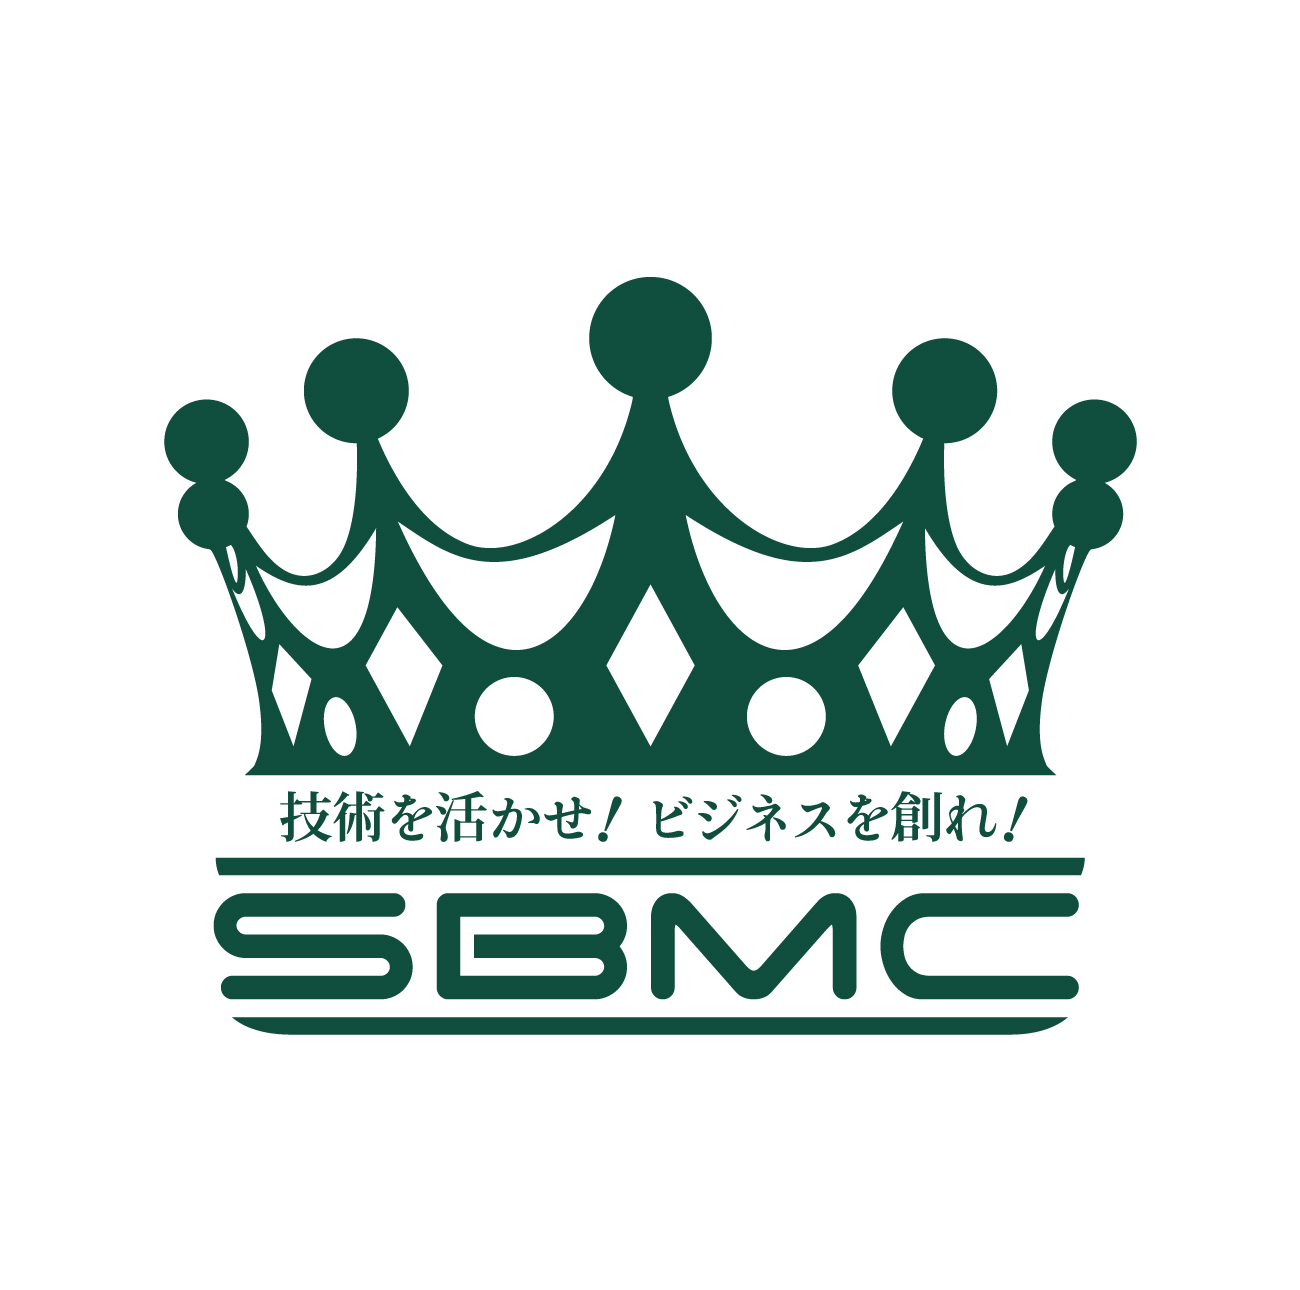 芝浦工業大学 -- 「Shibaura Business Model Competition」最終審査発表会を開催